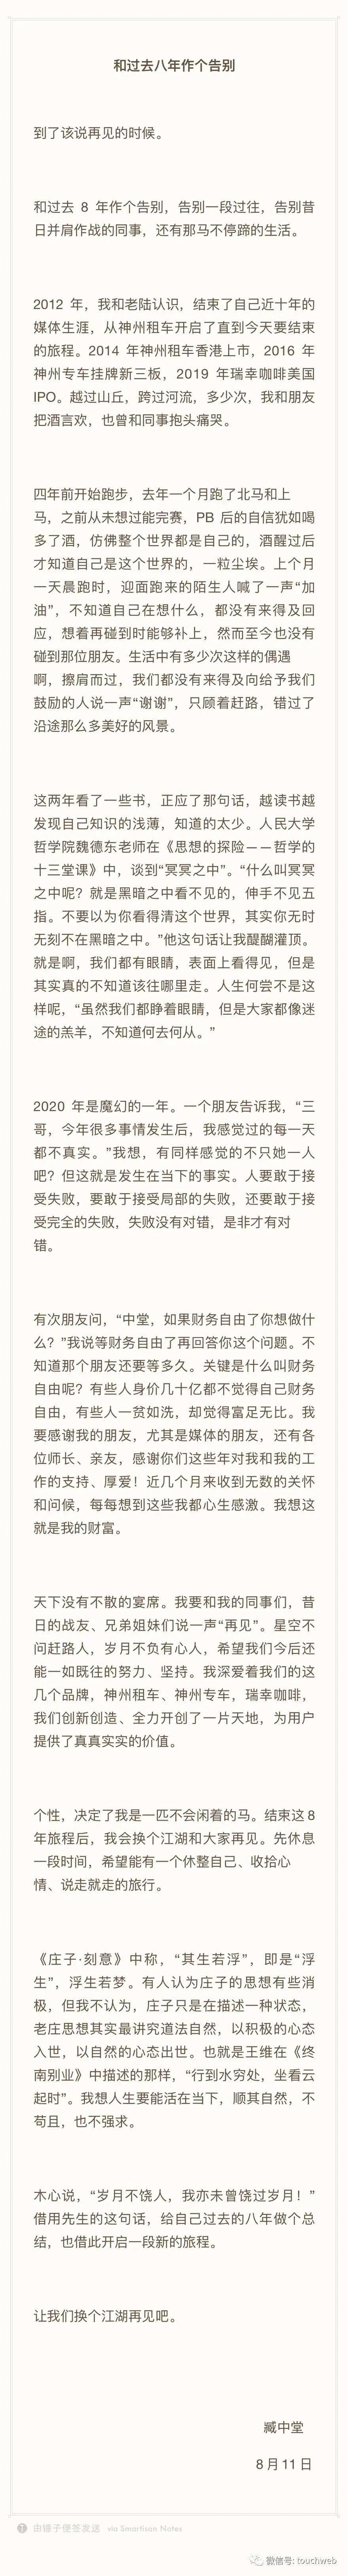 神州优车高级副总裁臧中堂于今日离职